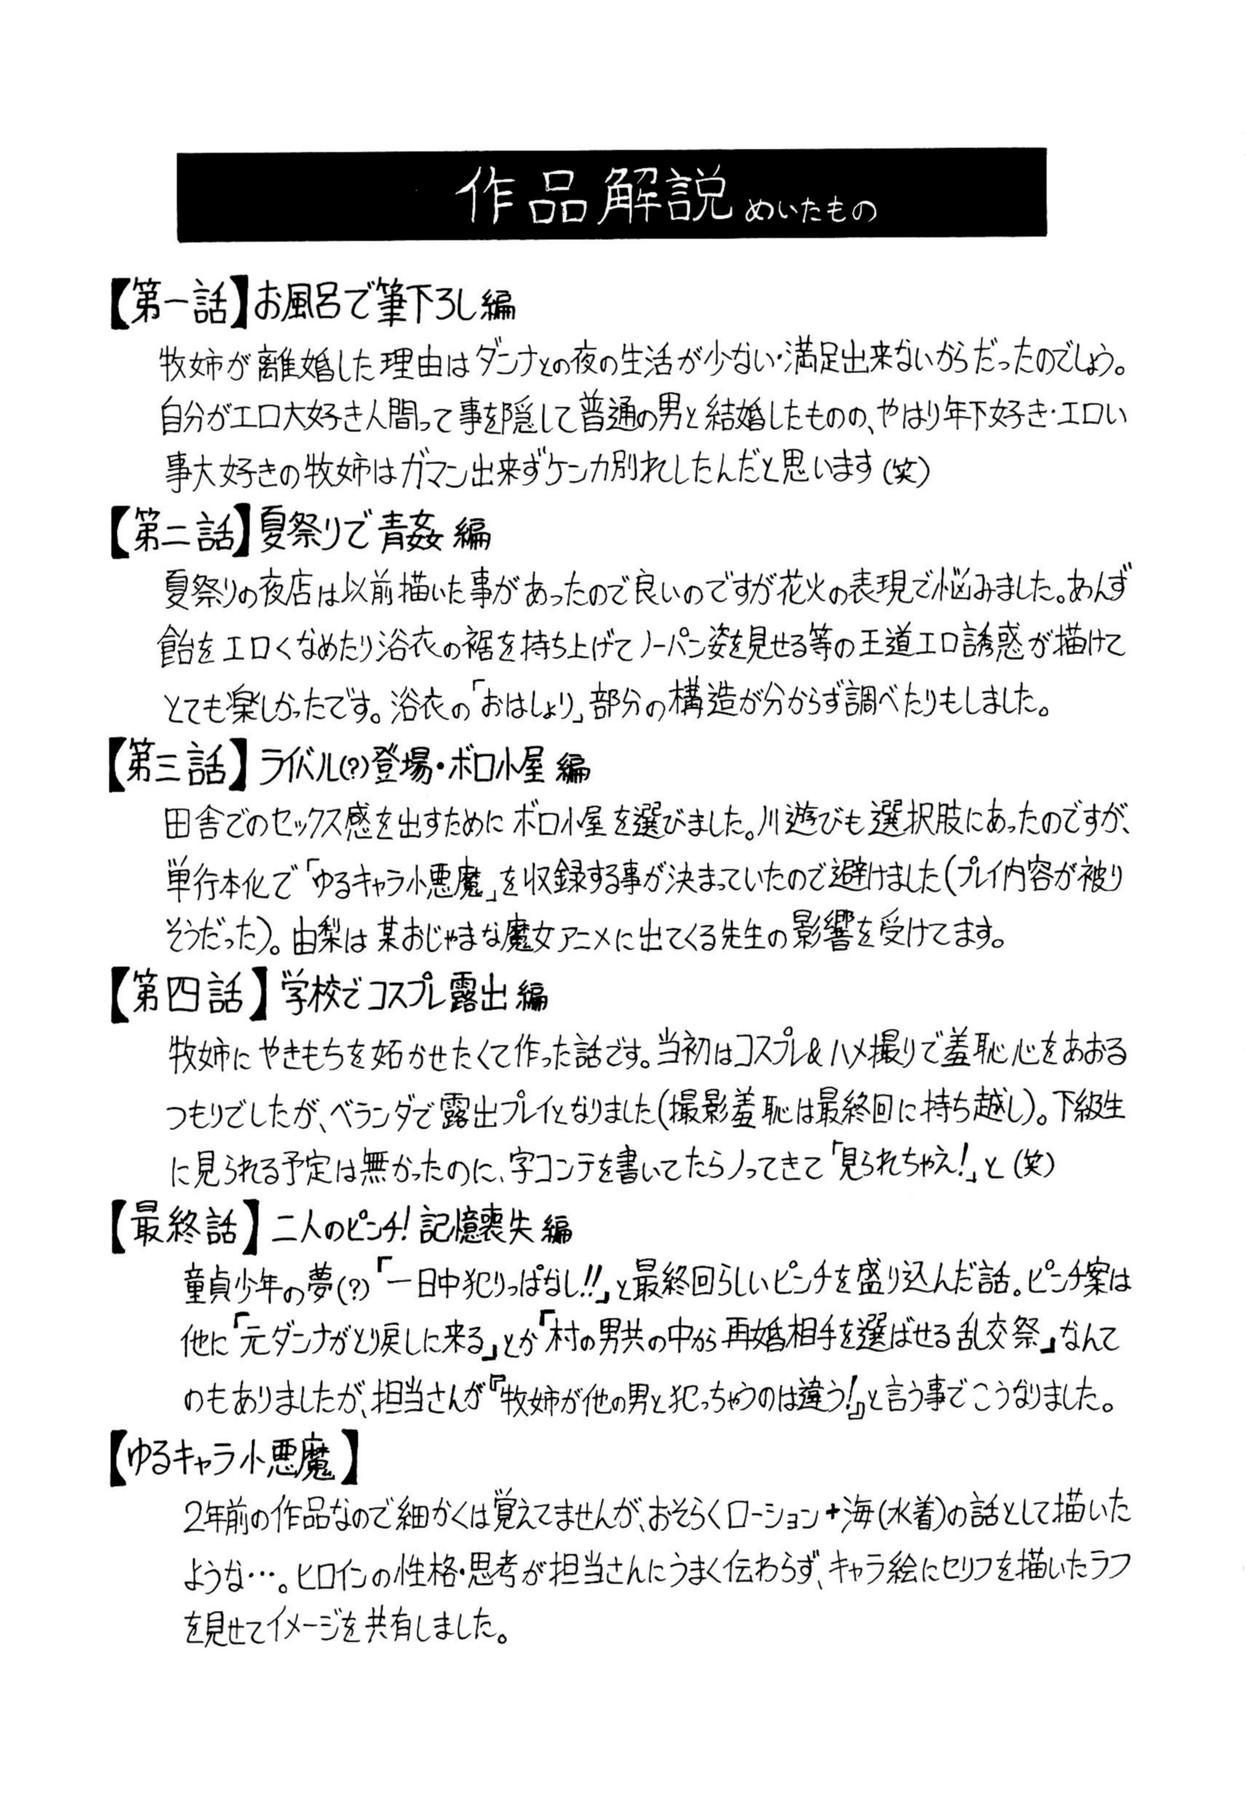 [Jamming] Koibito ha Tonari no Oneesan (Hatsujyouki) | My Lover is the Girl Next Door [English] {Tadanohito} 214